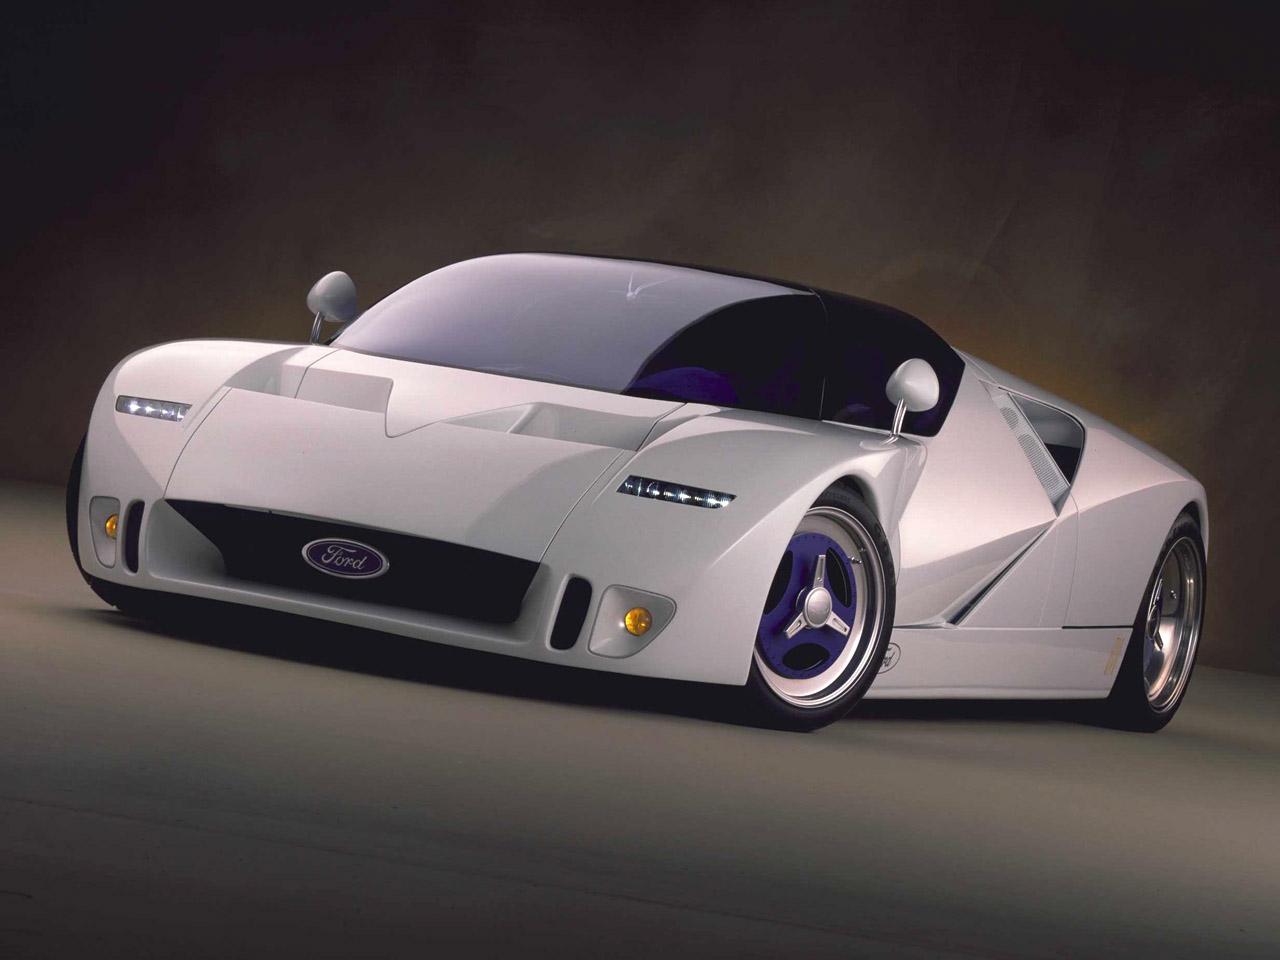 Ford Concept Cars >> Sport Cars Concept Cars Cars Gallery Ford Car